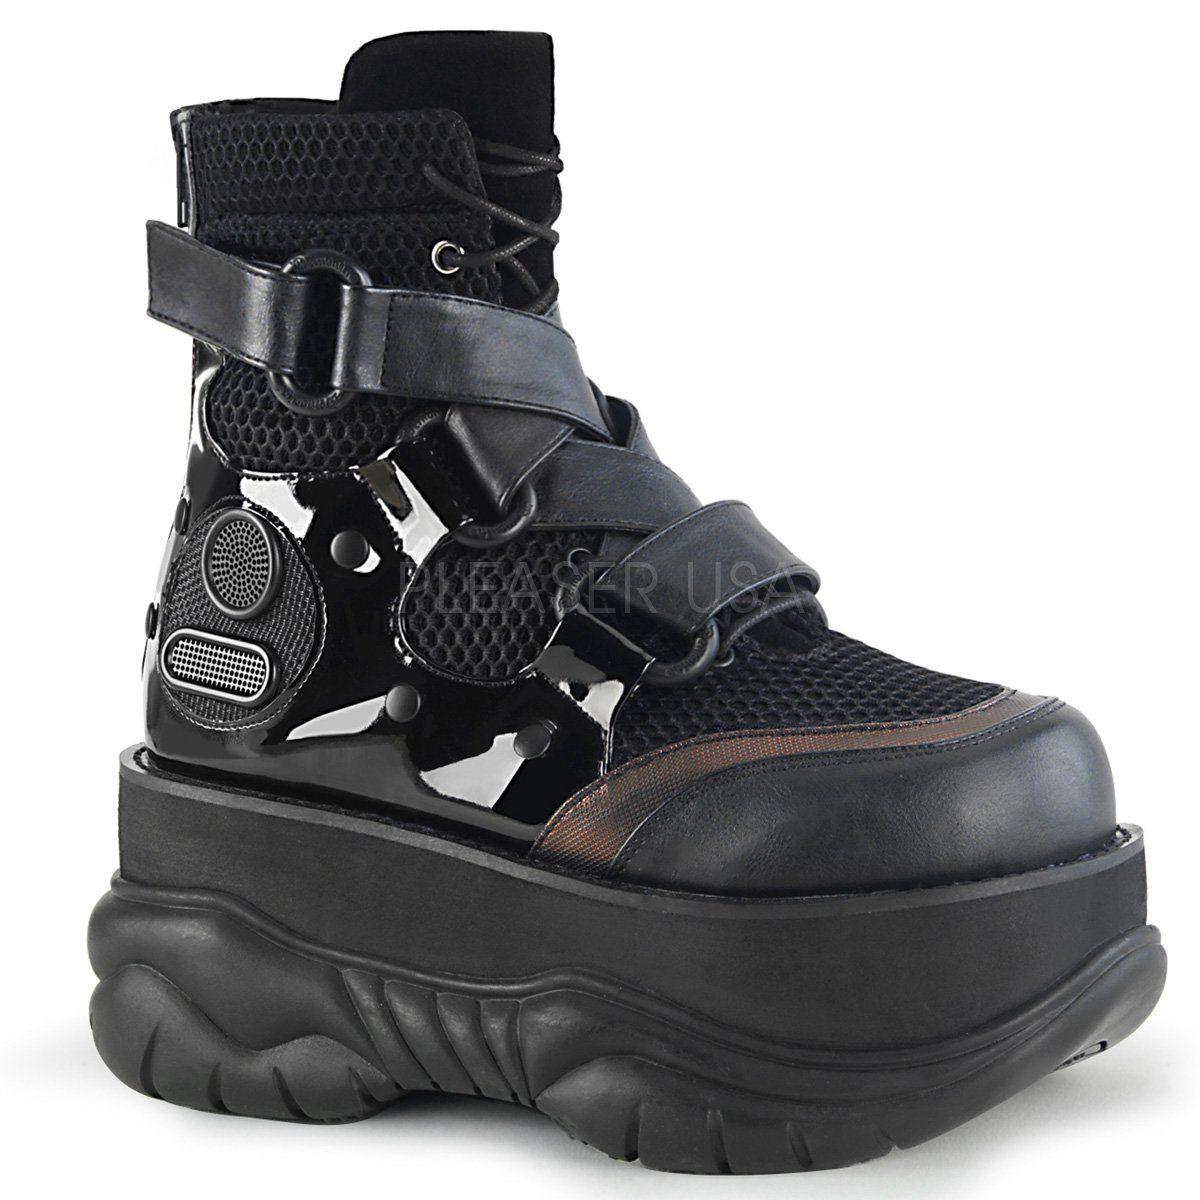 91c898d3a0d BOXER-05 Demonia Black Cyber Platform Shoes